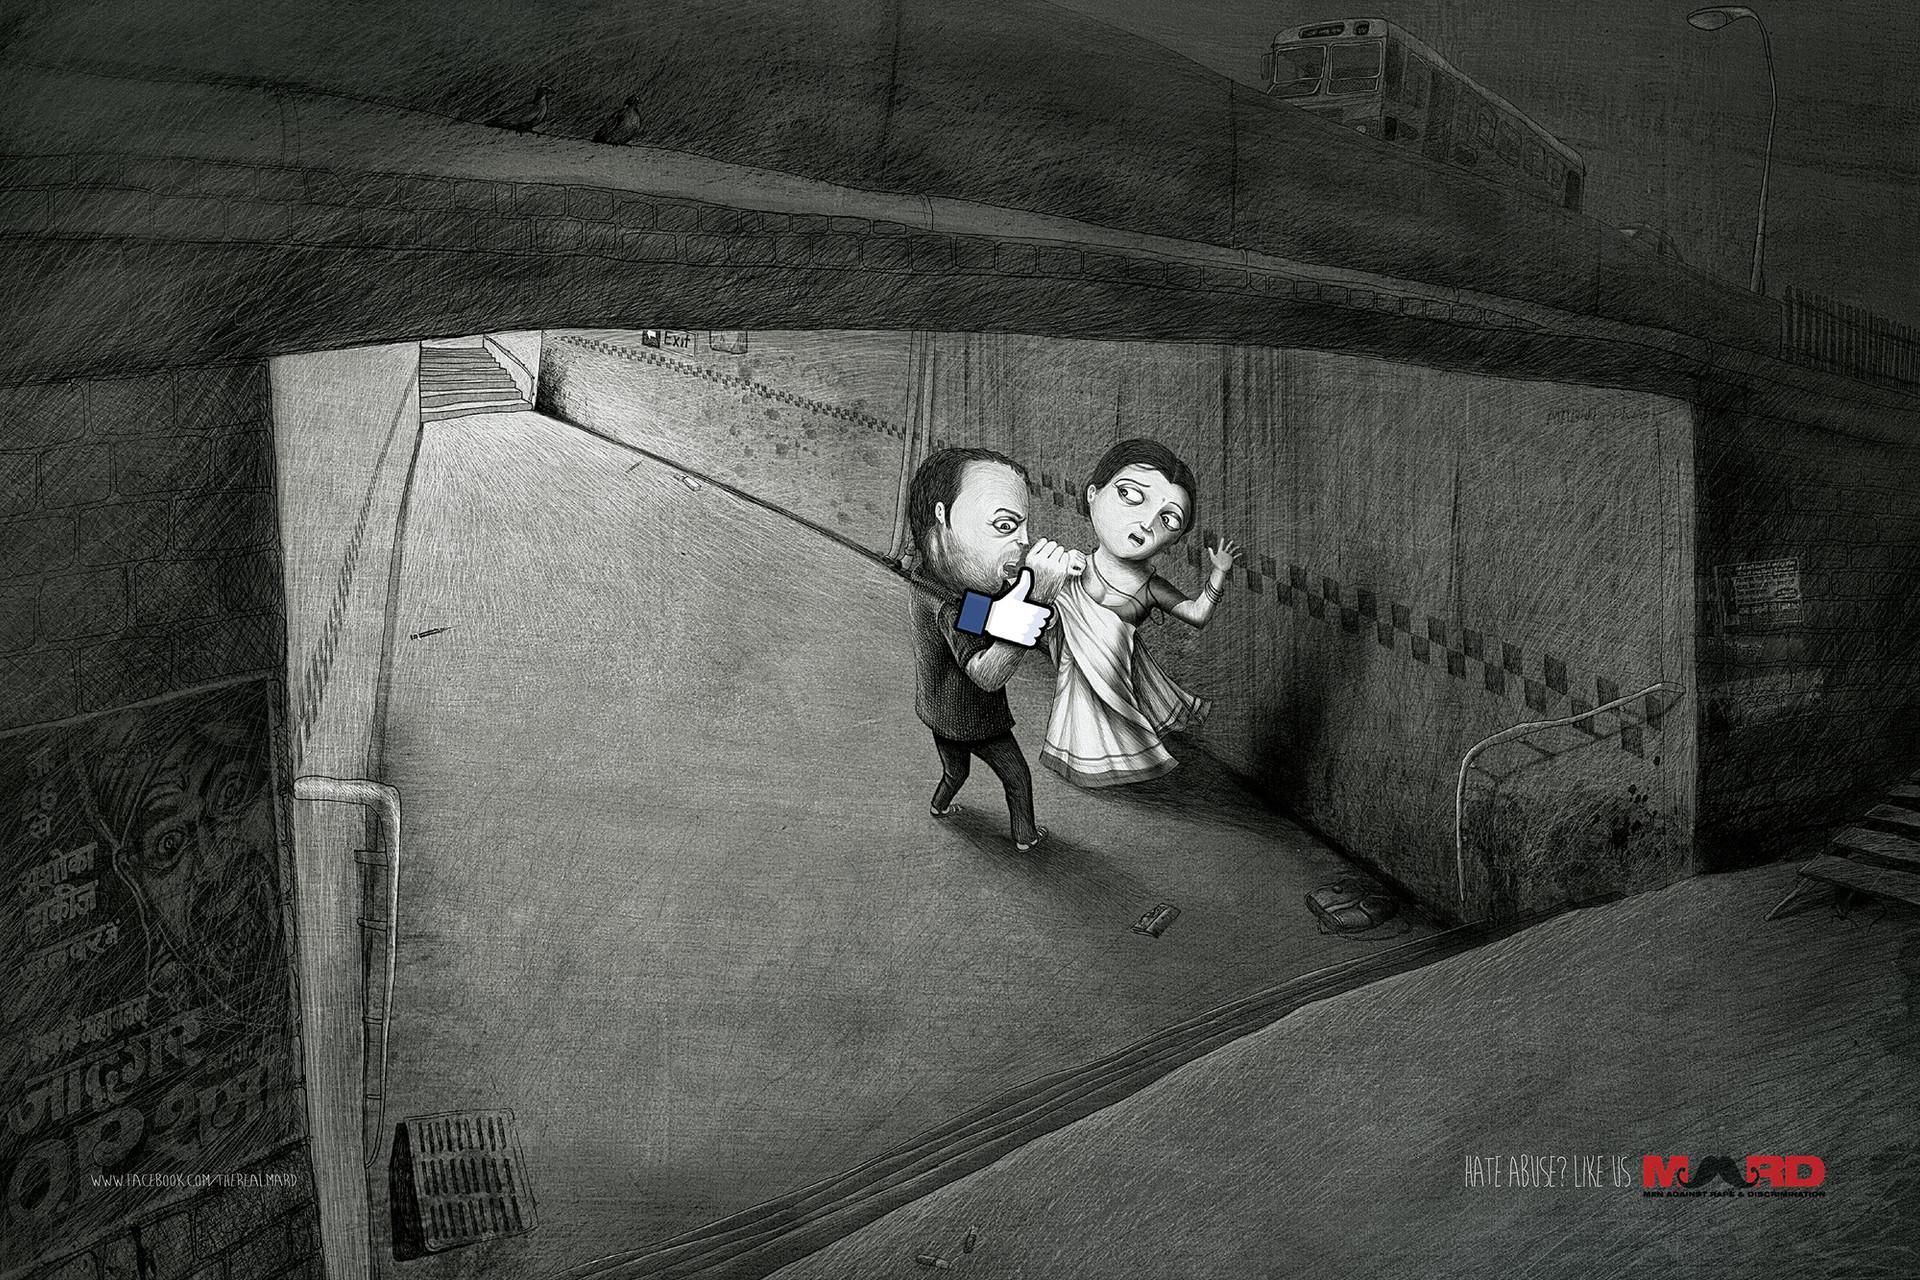 MARD - Hate abuse_ Like us. 3.jpg